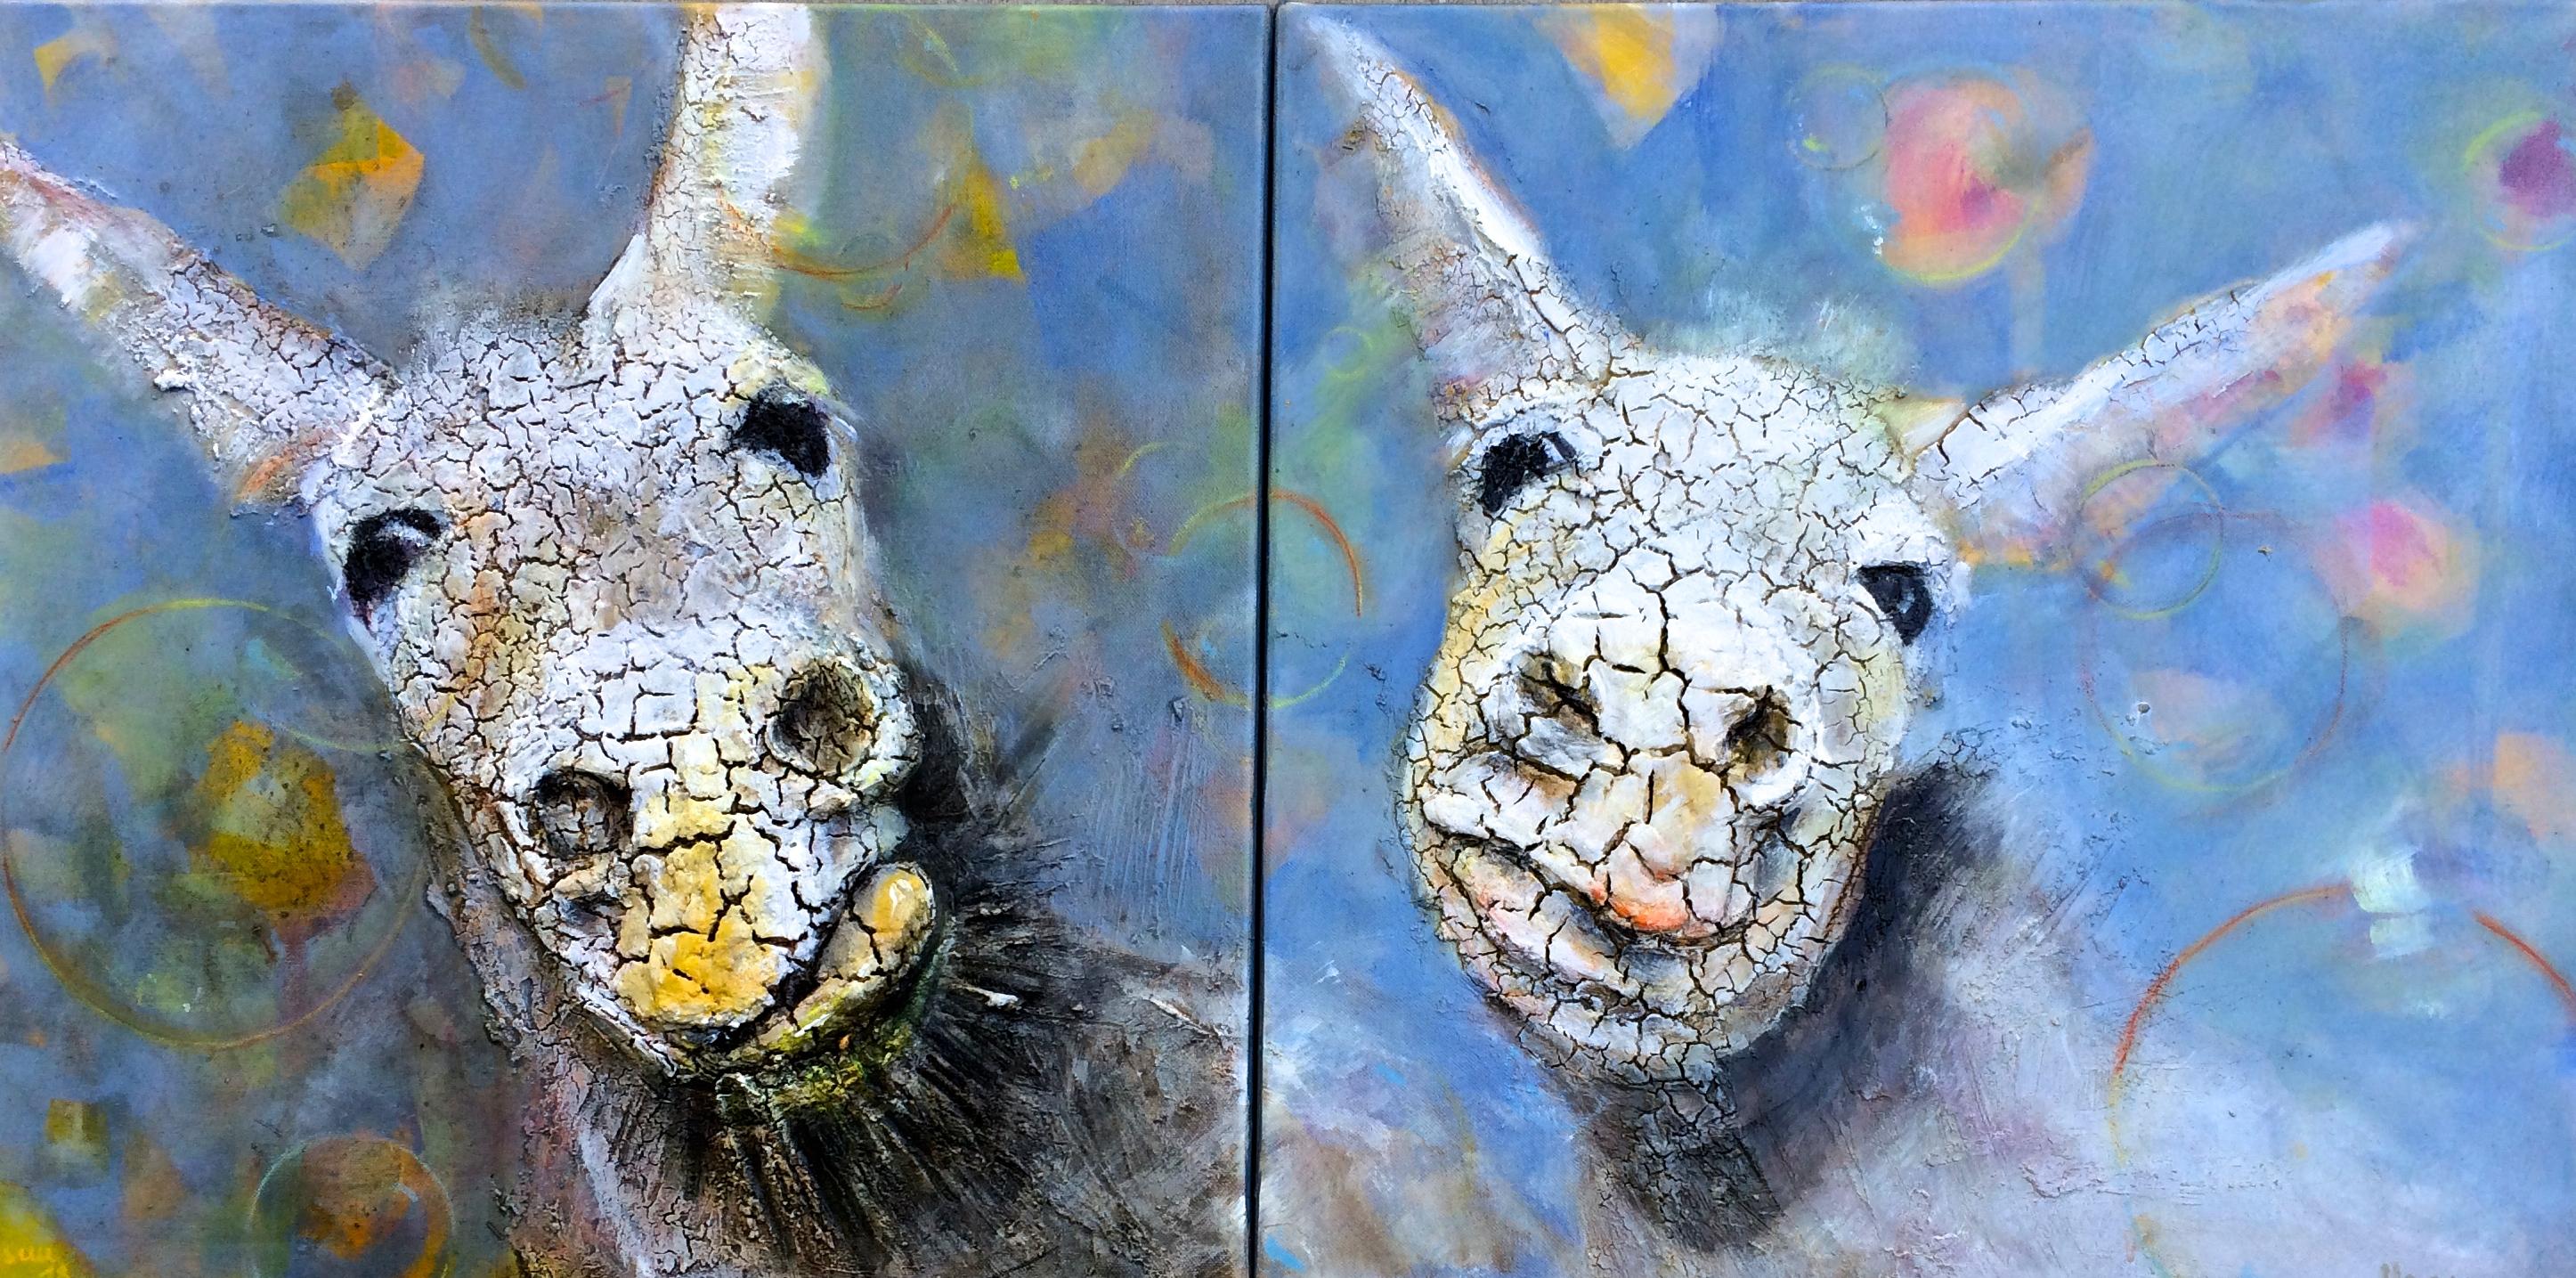 Komm mit, sagte der Esel ... zur Elefantenhochzeit ins Kulturkabinett